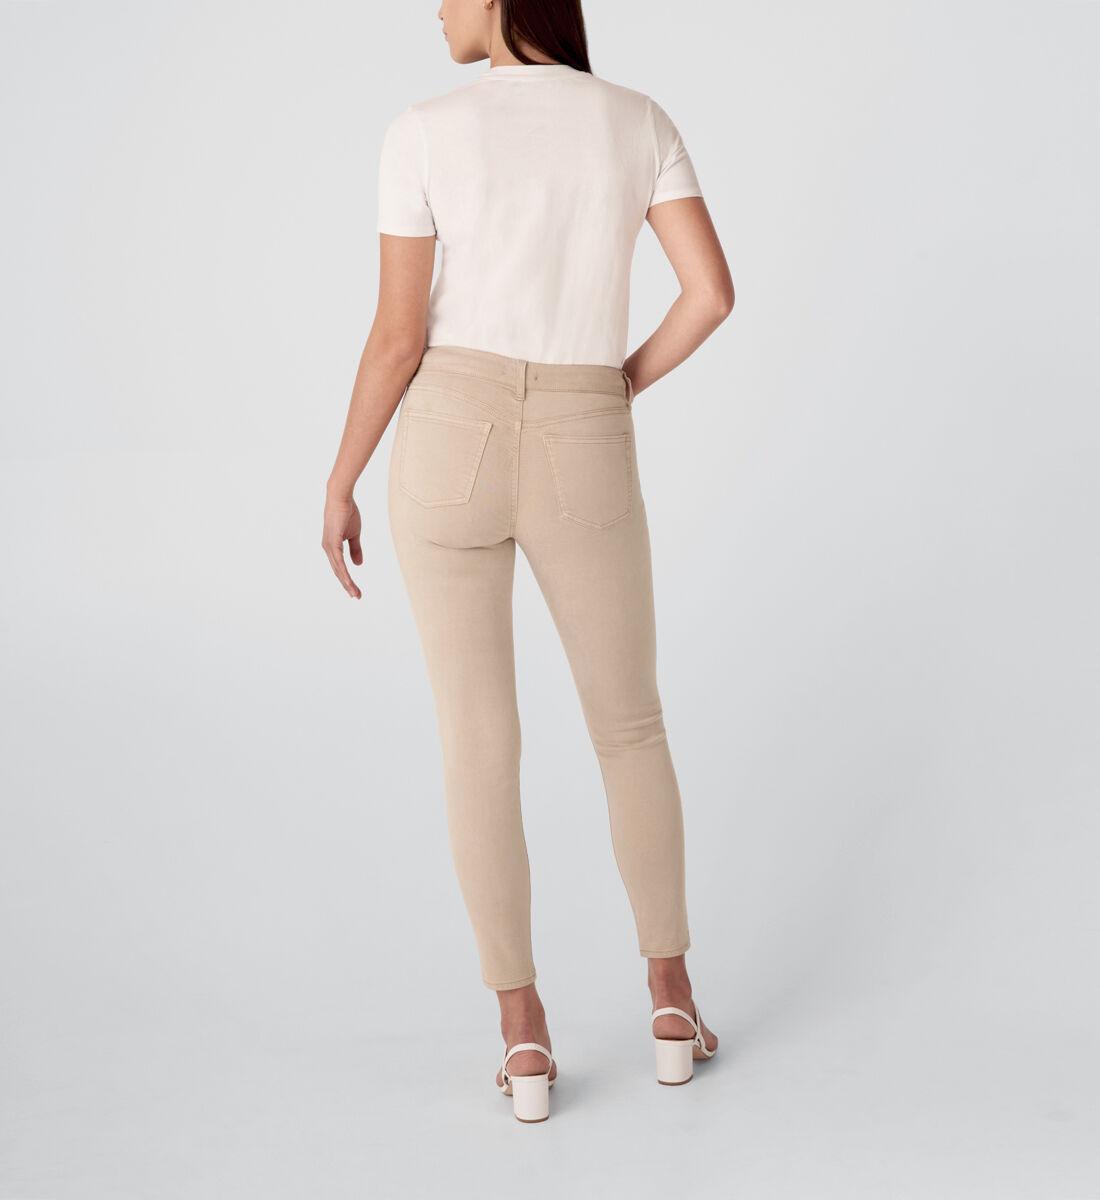 Suki Mid Rise Skinny Jeans,Tan Back